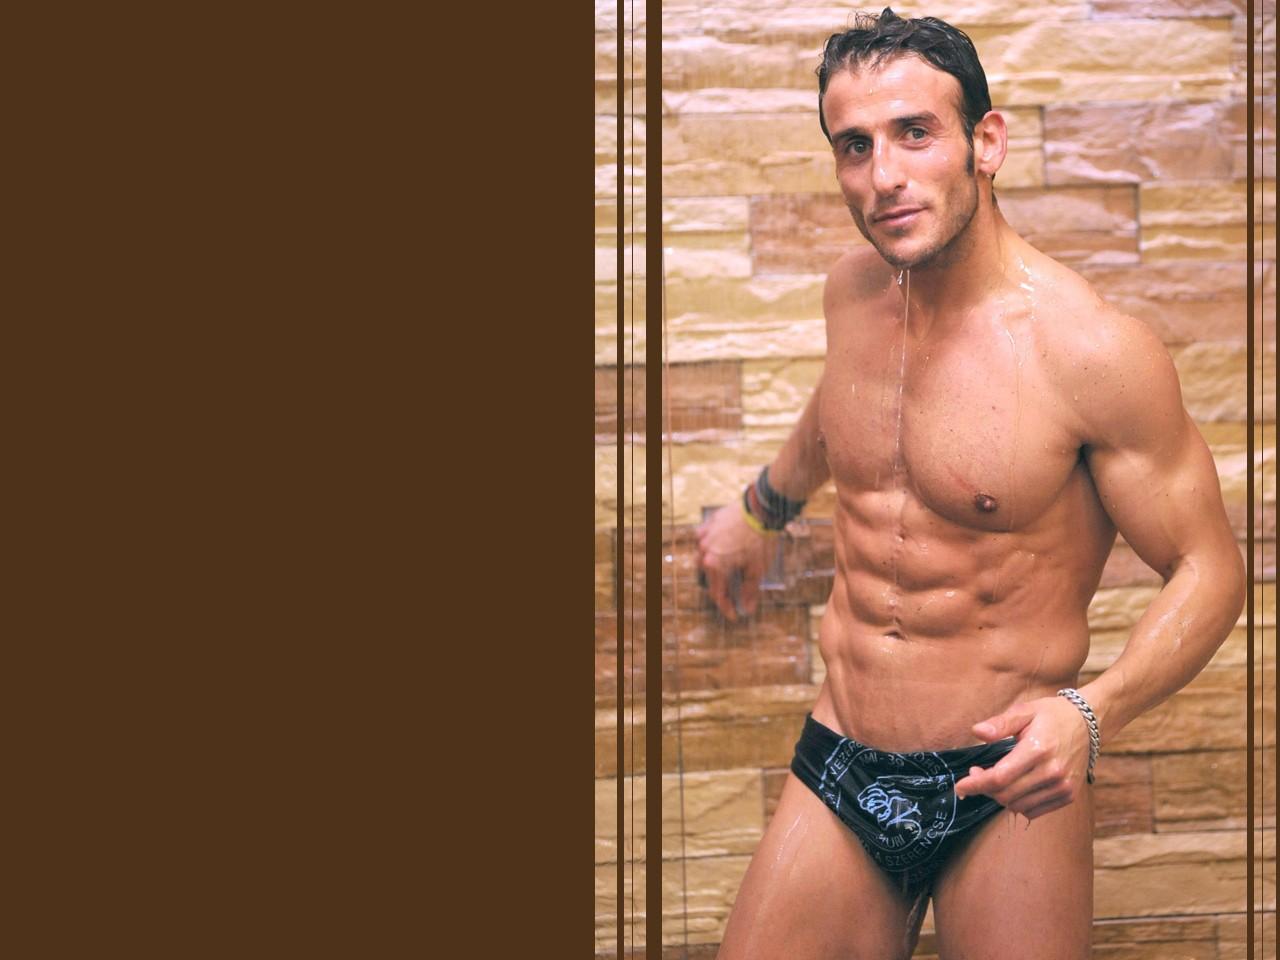 Grande Fratello 9 - un wallpaper sexy di Gianluca Zito sotto la doccia.